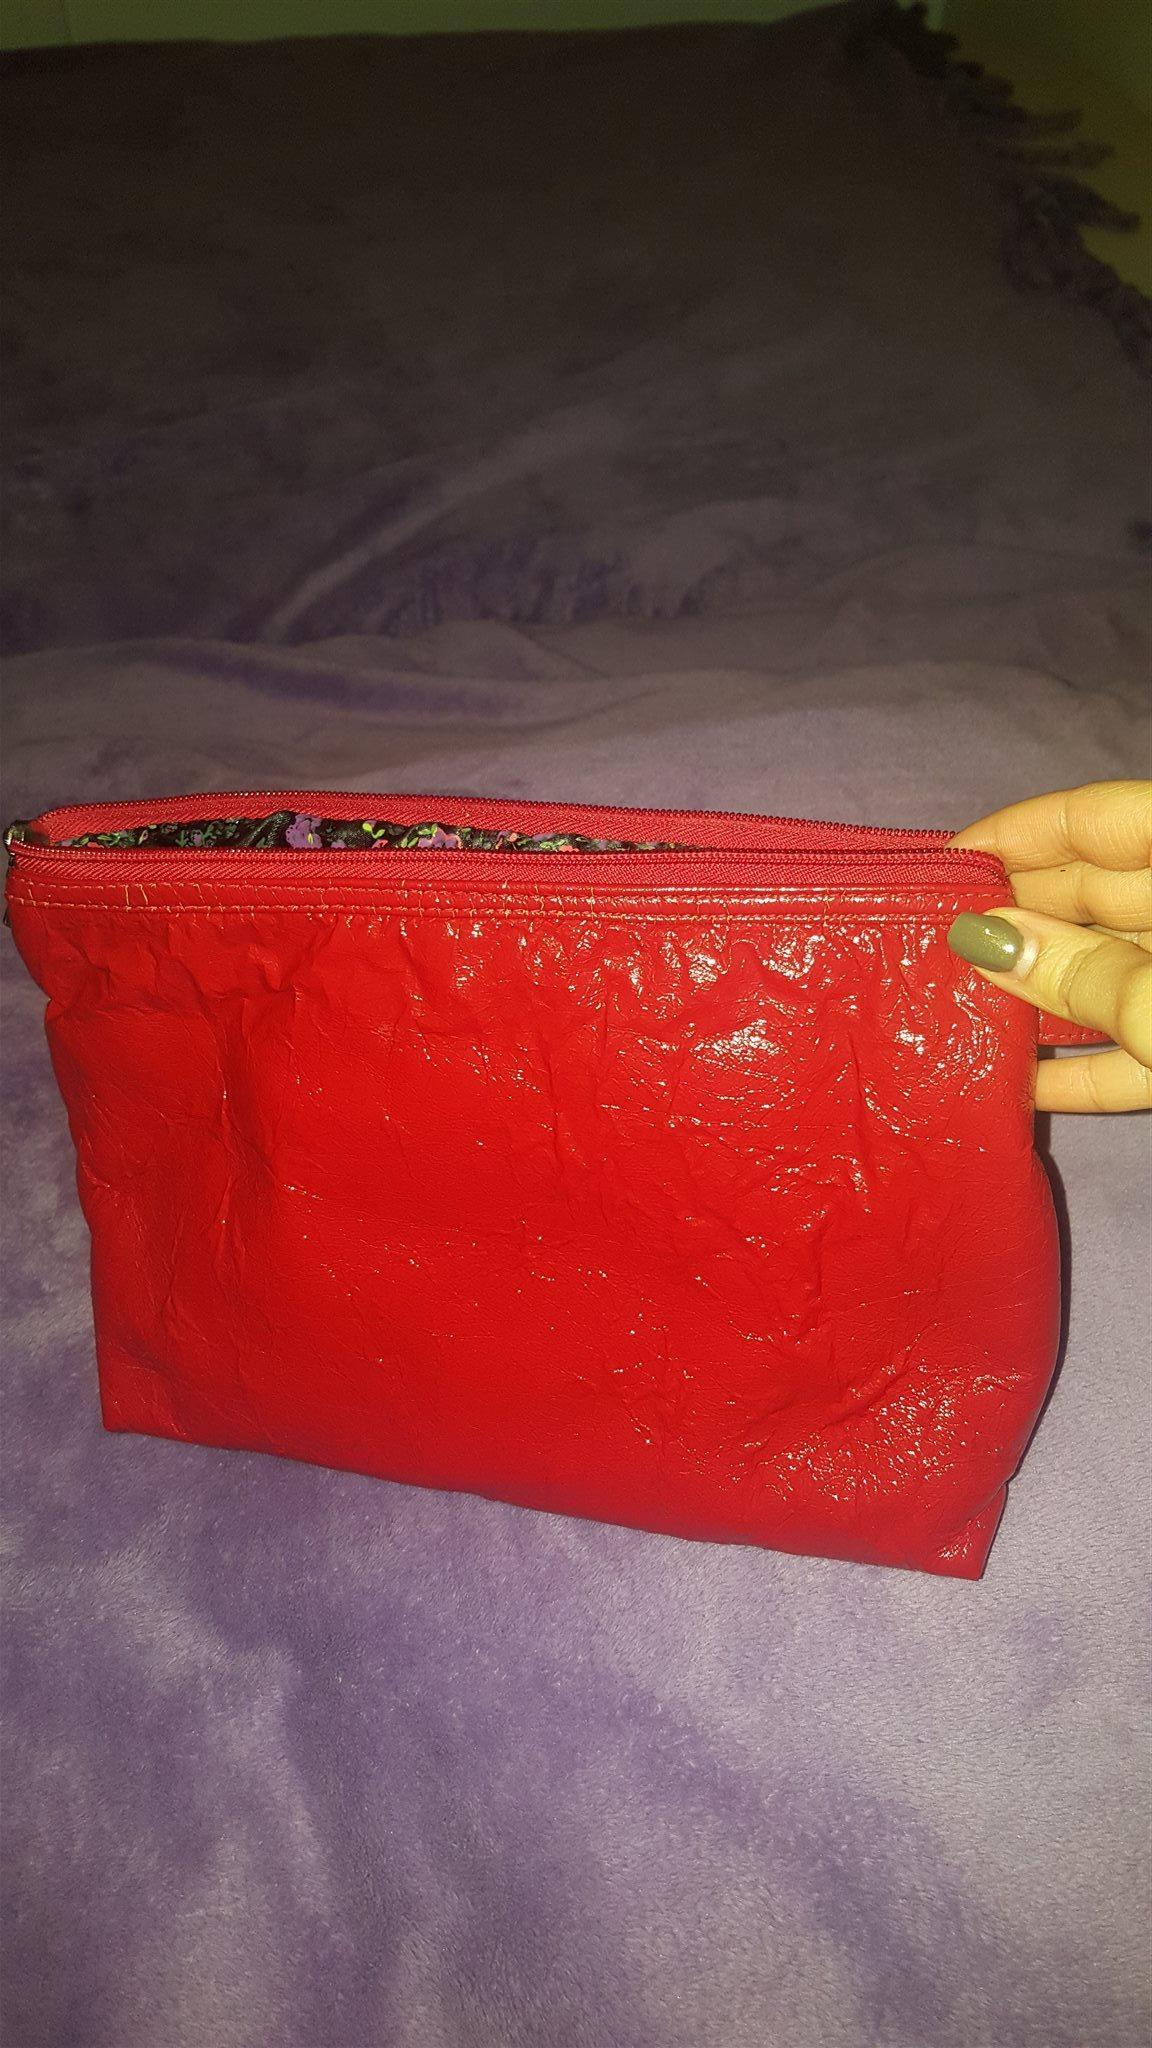 Sminkväska röd skinimitation antique (337570990) ᐈ Köp på Tradera fbf1a756d77e3